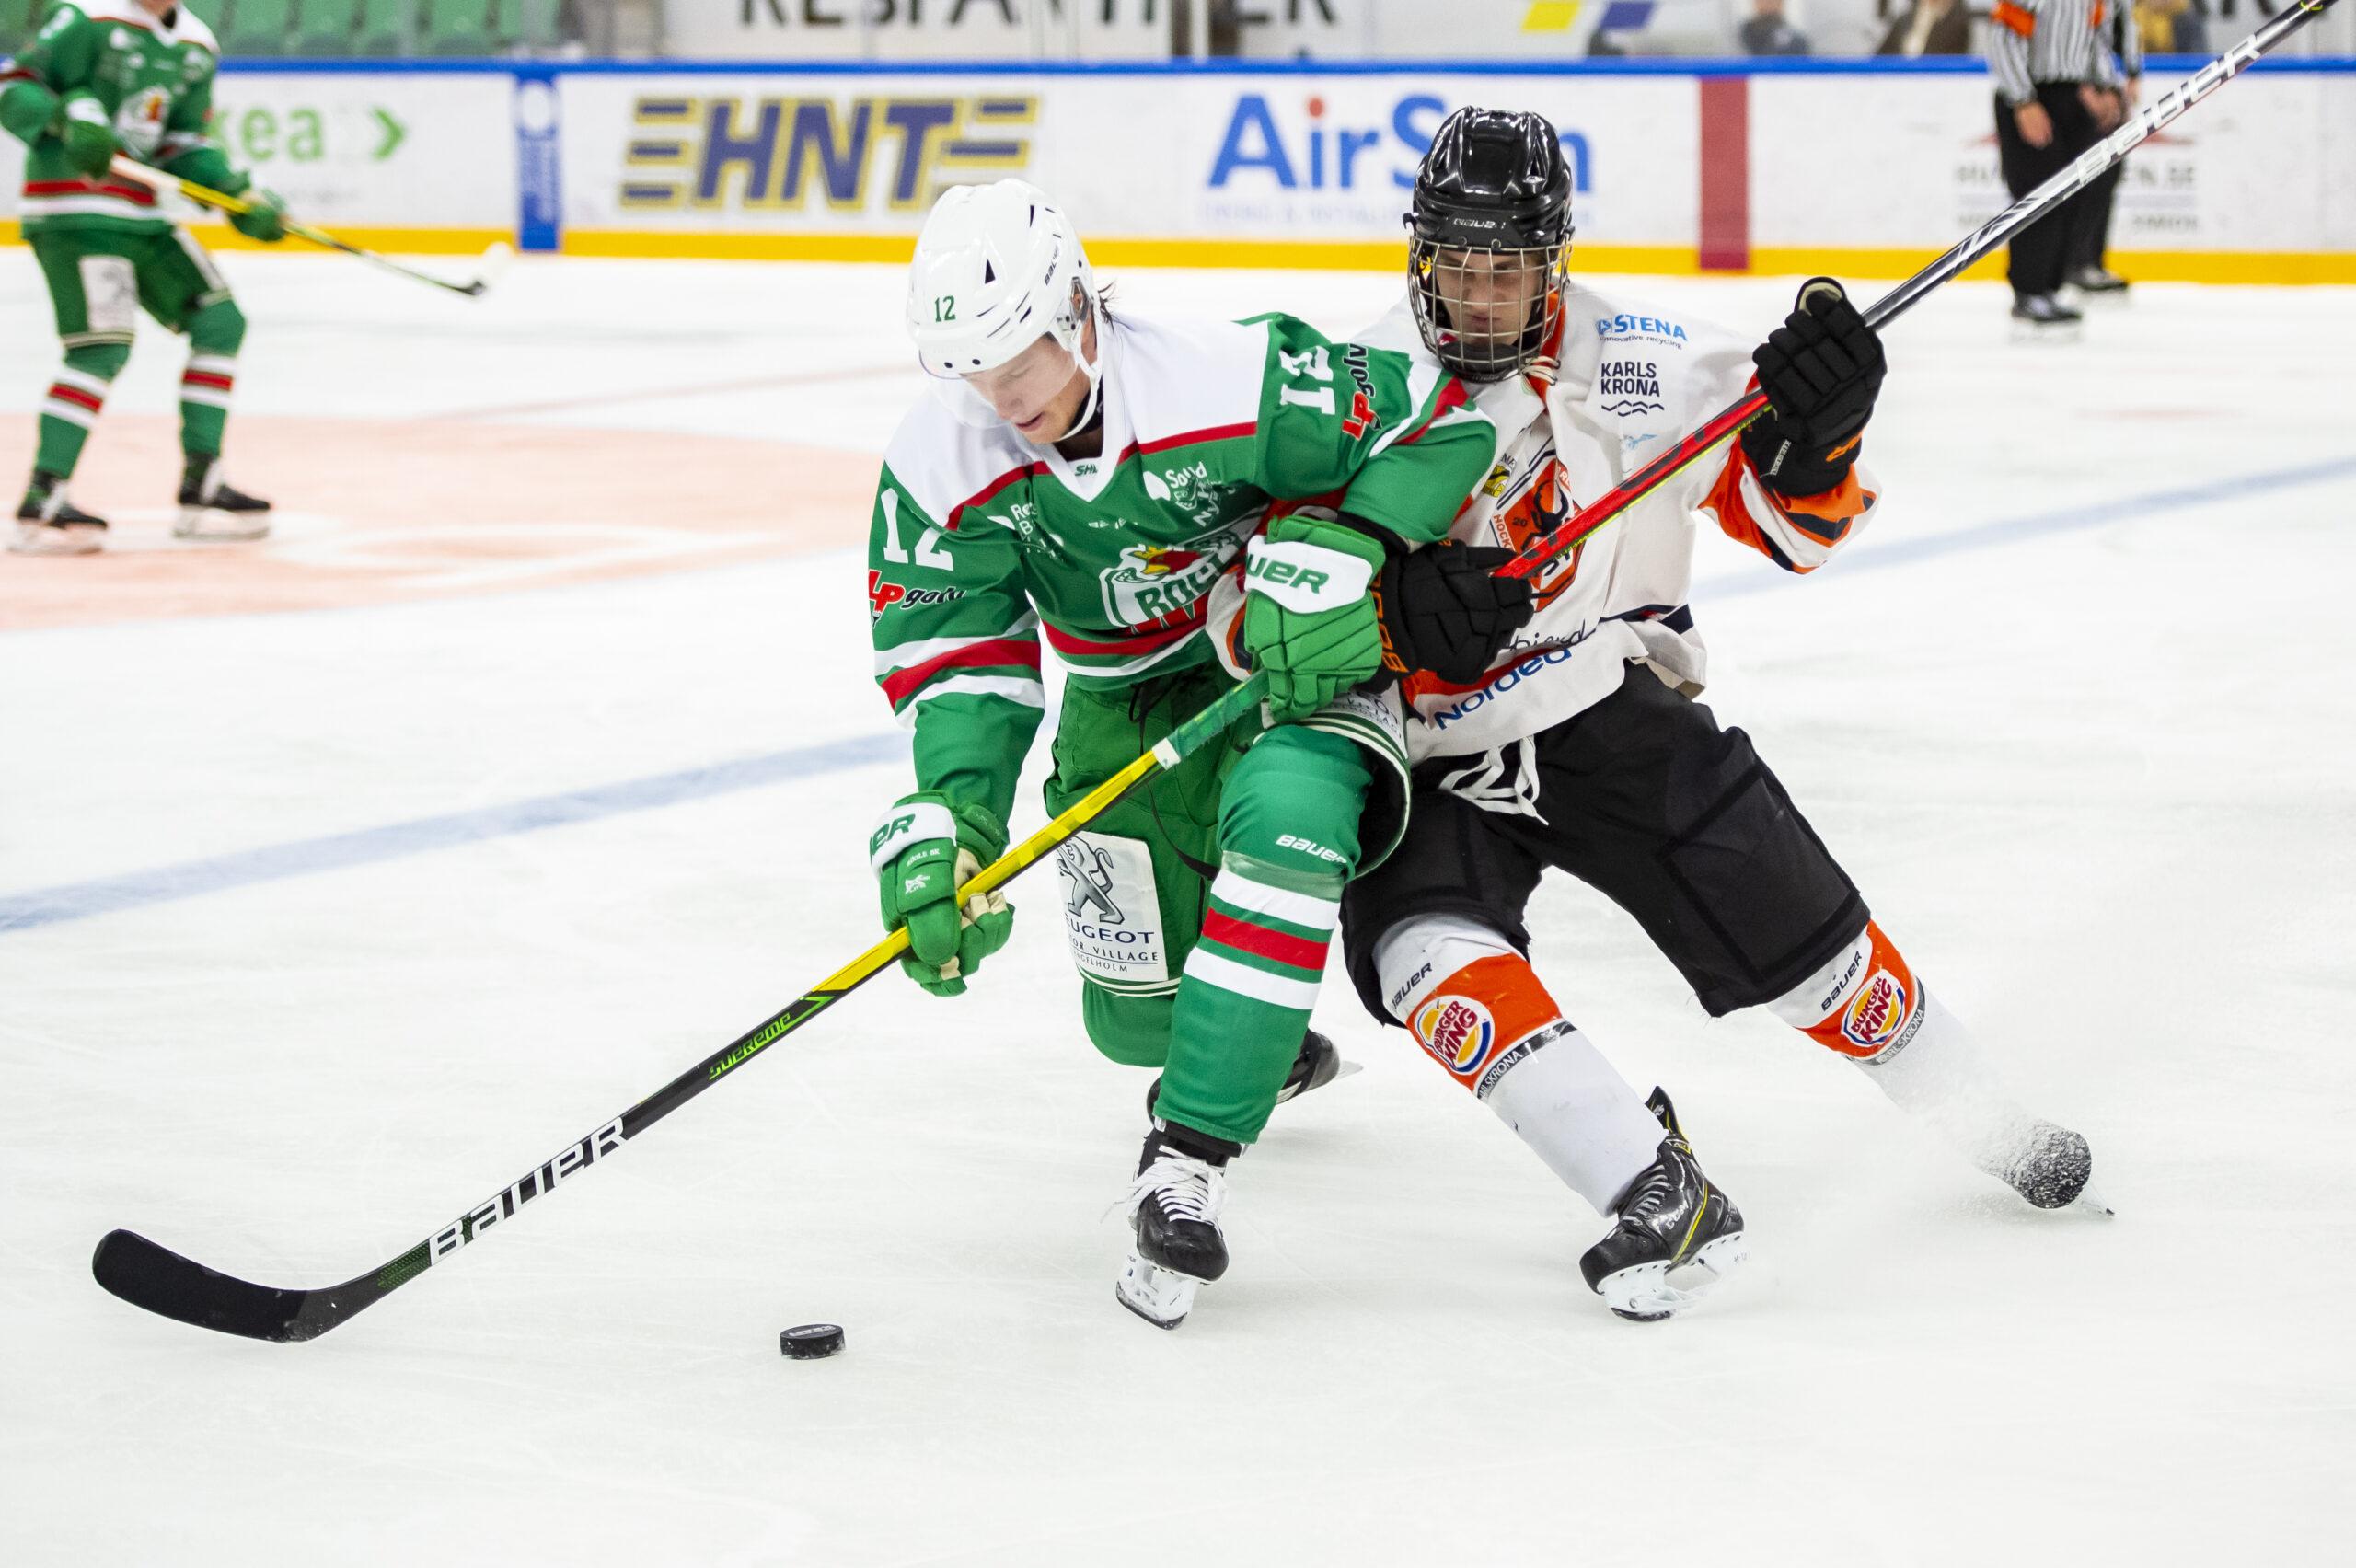 Svenska Ishockeyförbundet gör ändringar i seriebestämmelser gällande kval och SM-tävlingar